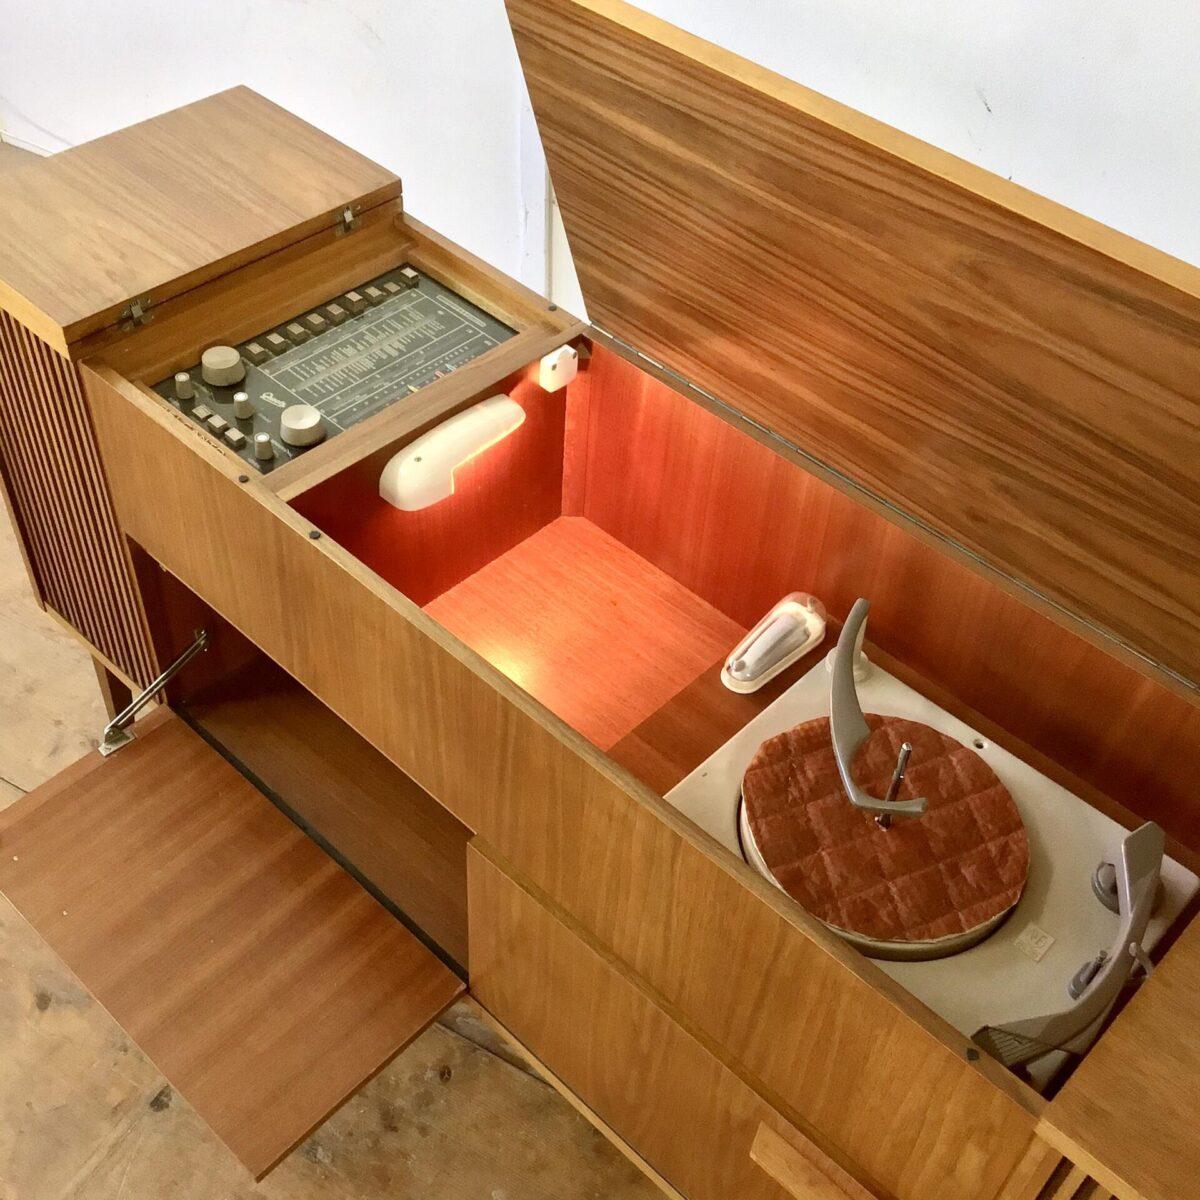 Vintage Nussbaum Sideboard 144 x 37cm Höhe 77cm. Das Radiomöbel hat hinter den Türklappen etwas Stauraum. Zusätzlich bietet das obere Fach neben dem Plattenspieler etwas Platz. Plattenspieler und Radio können natürlich auch ausgebaut werden, um zusätzlichen Stauraum zu schaffen.